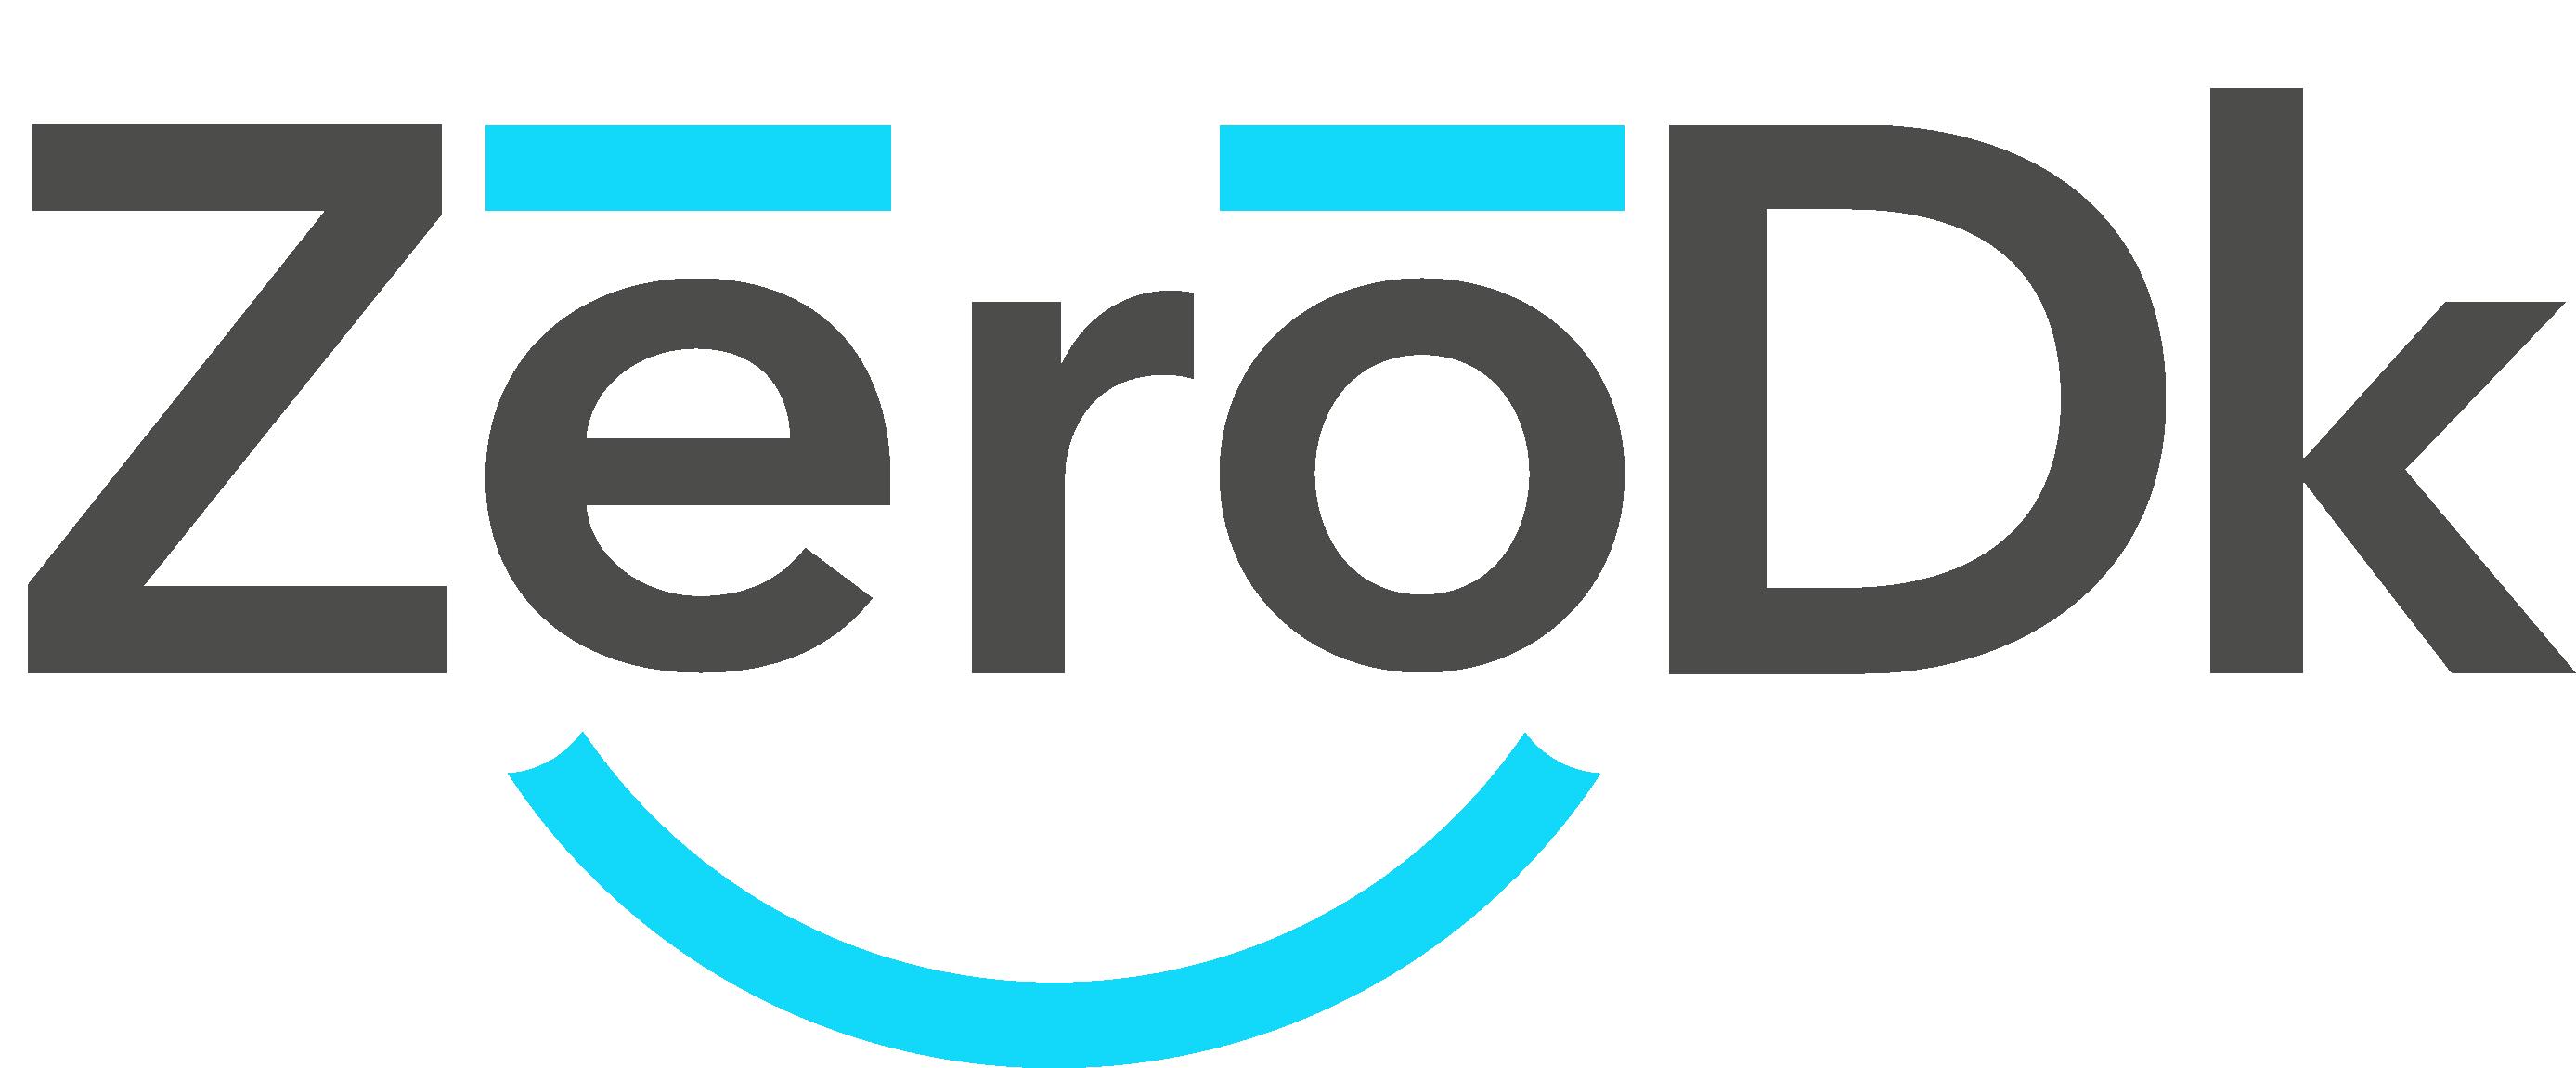 Zerodk vector